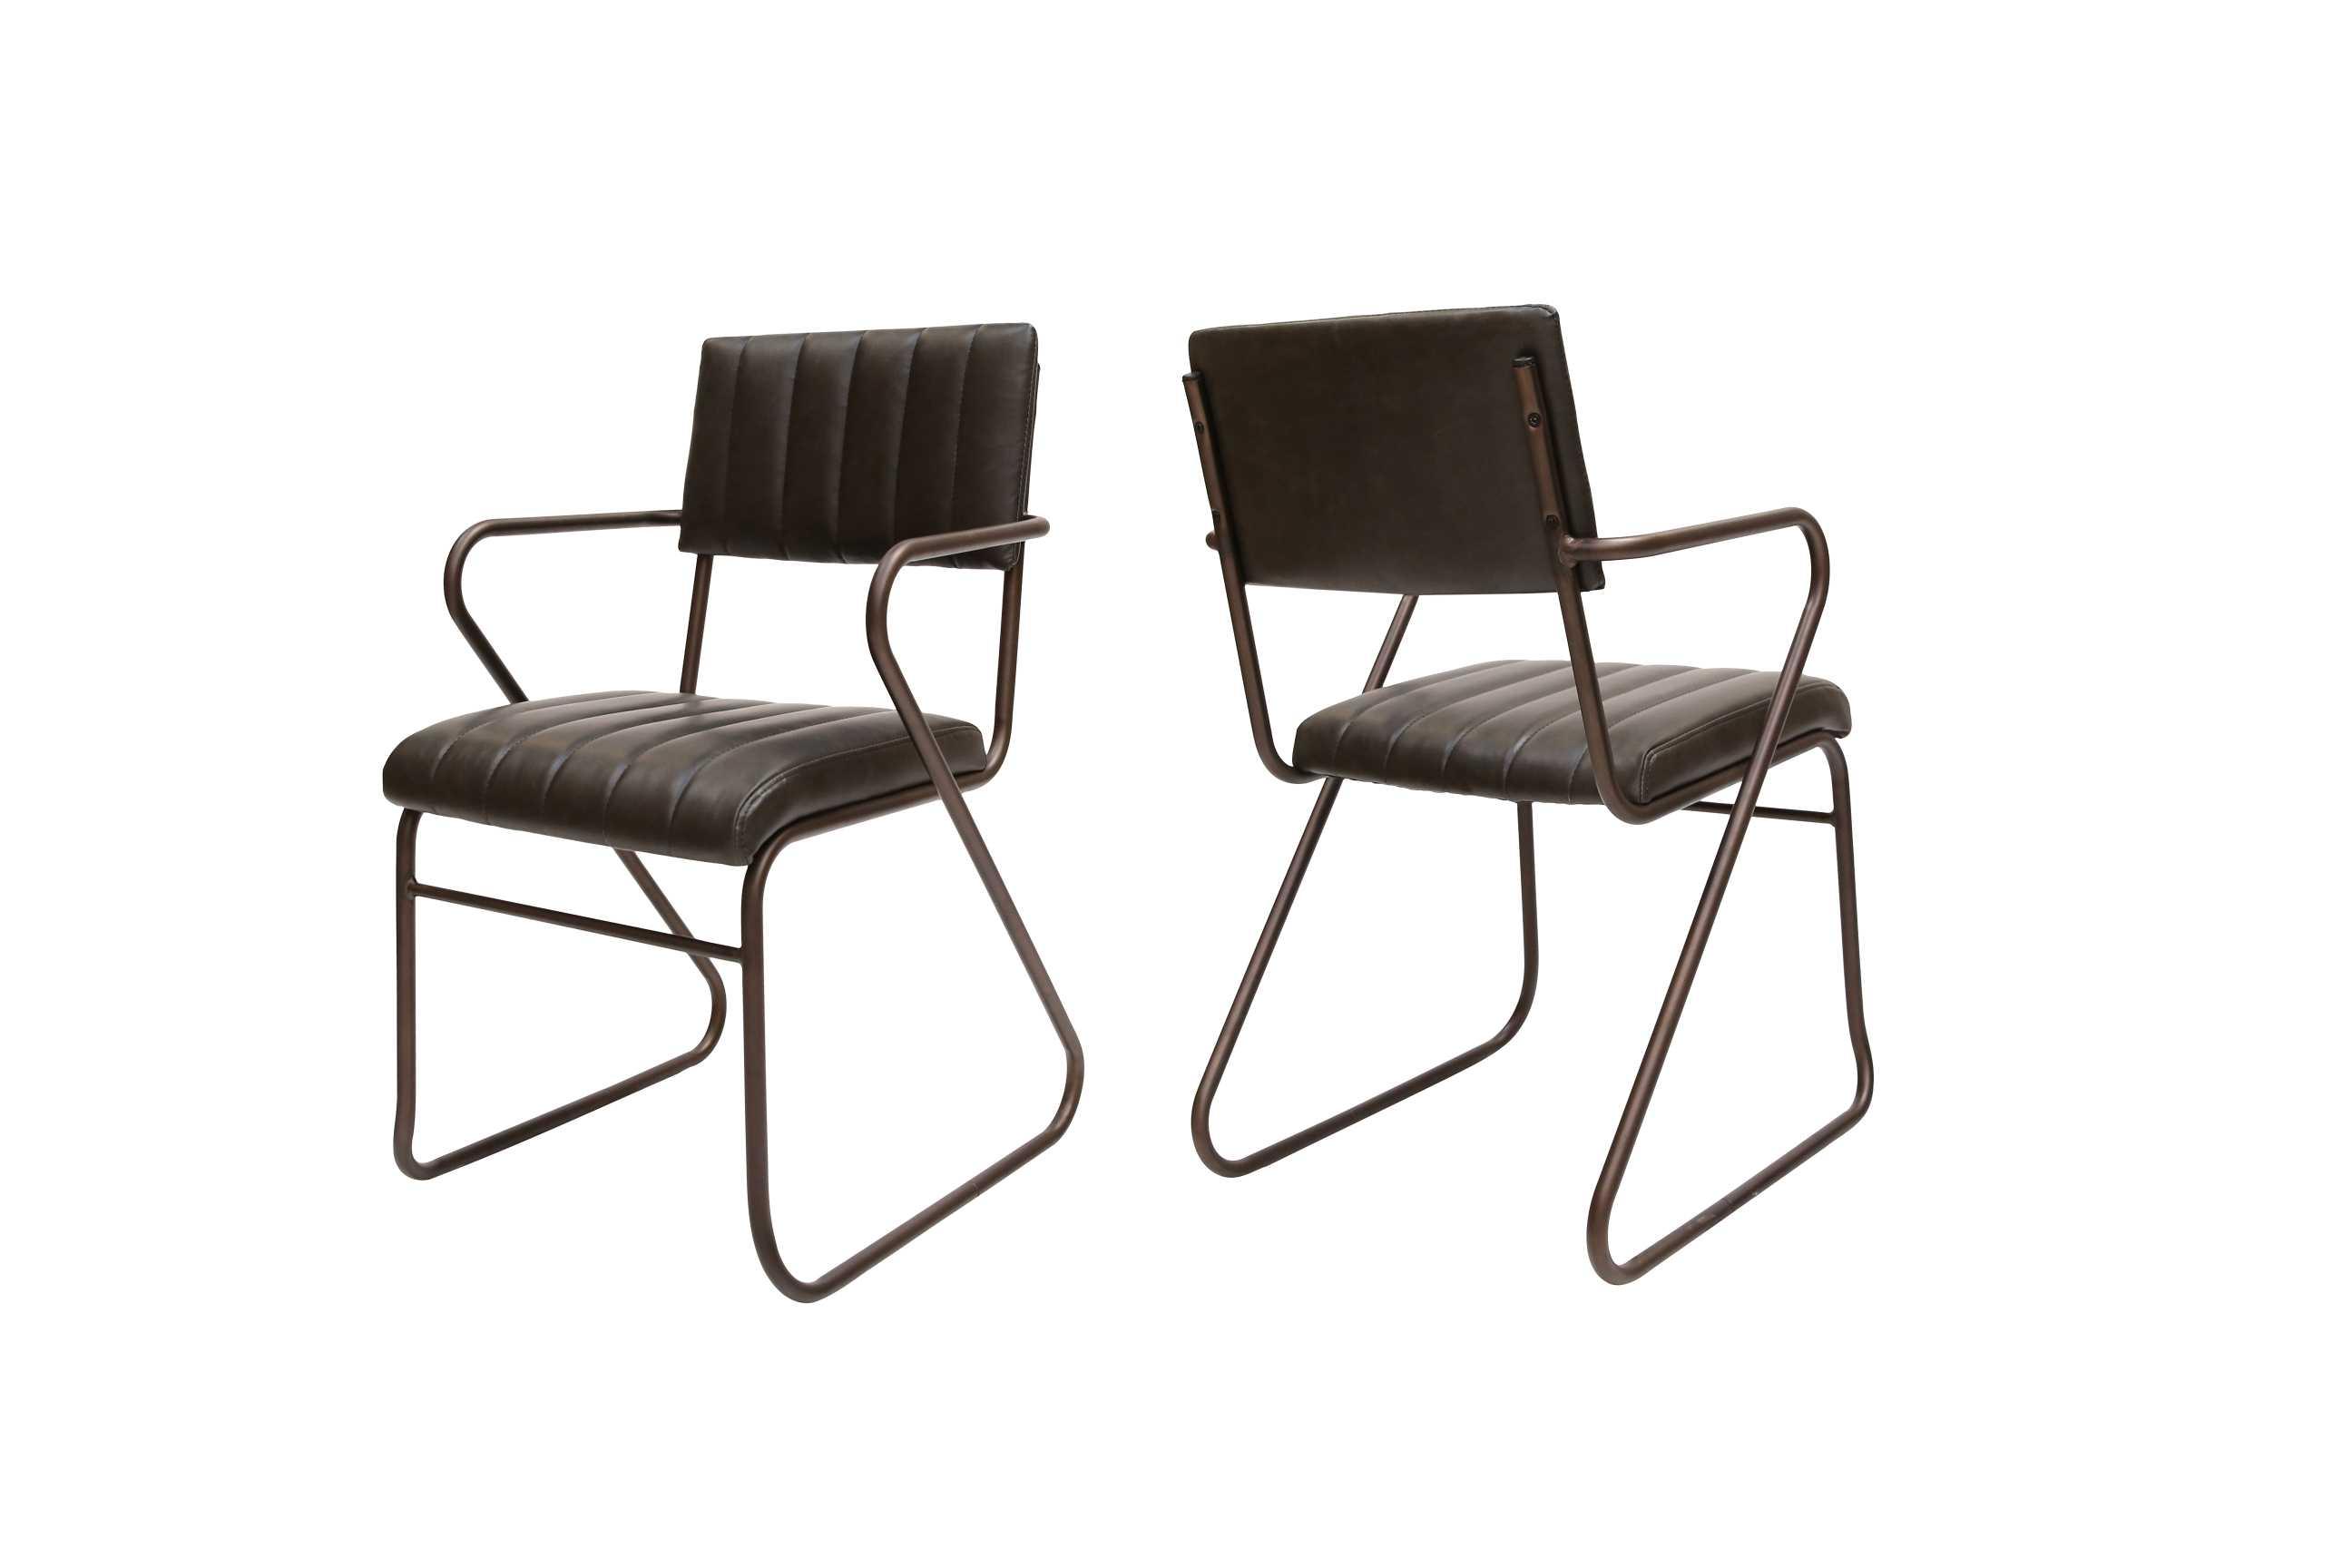 Billede af Cavallo stol med armlæn